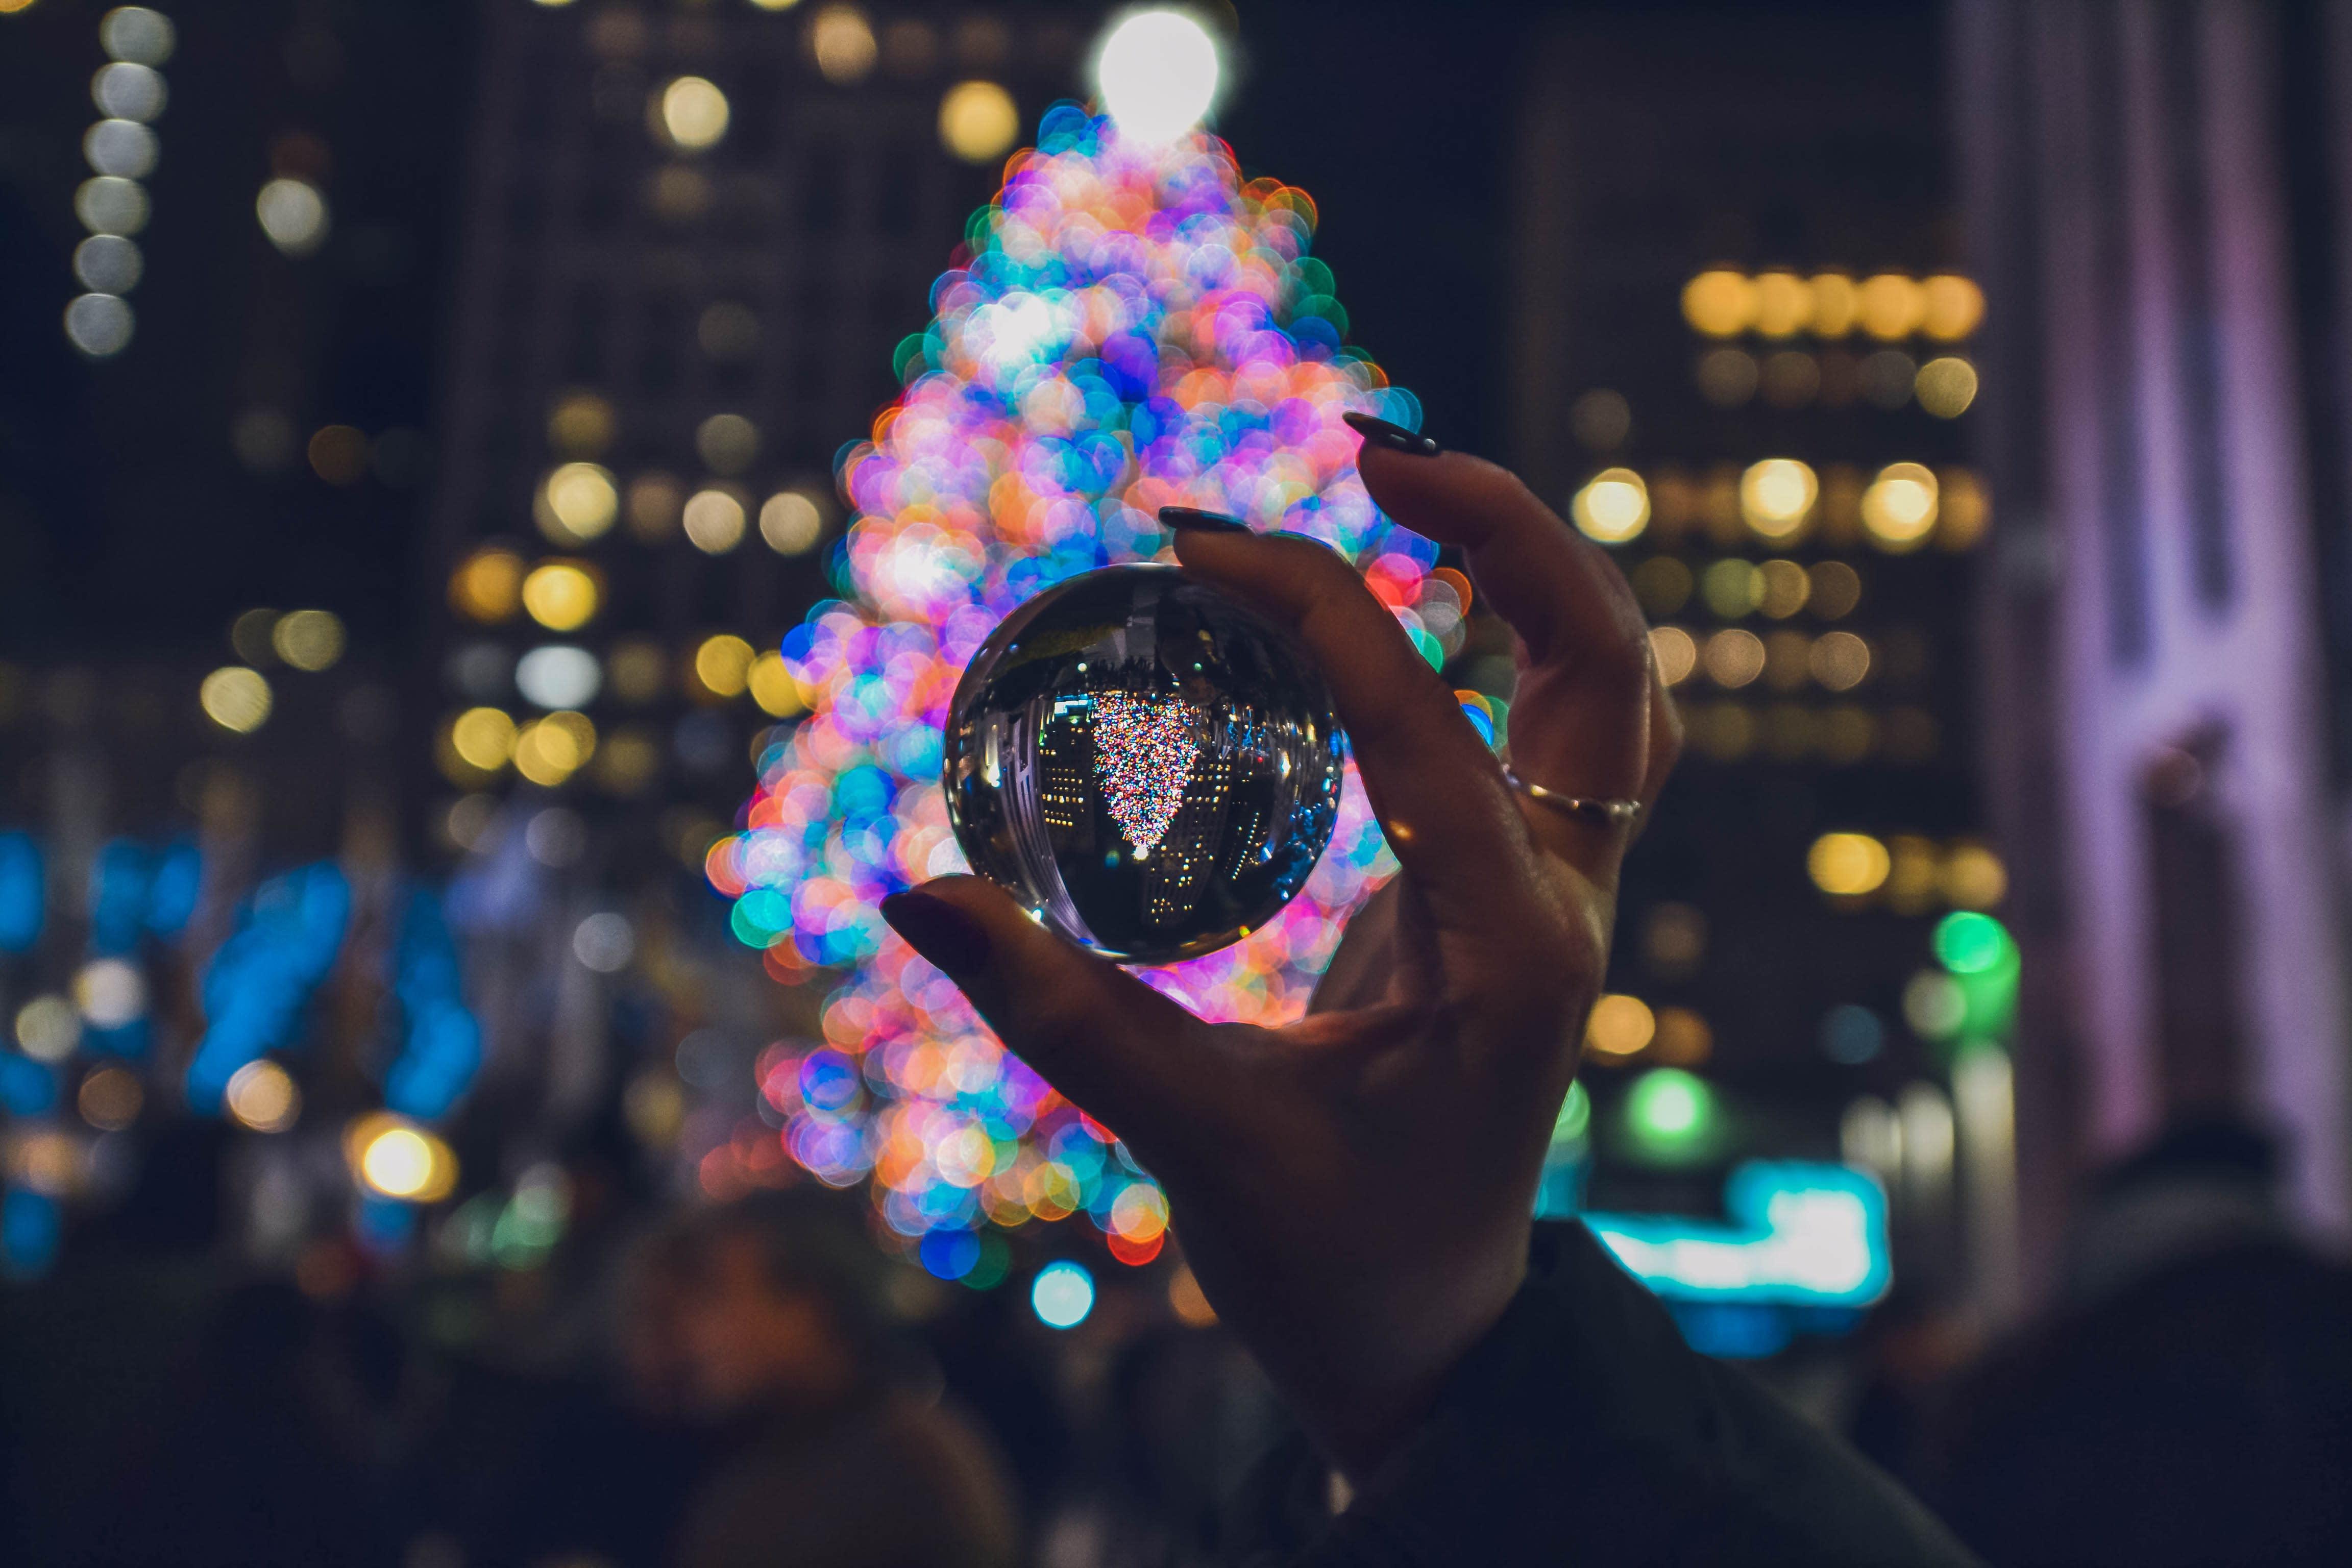 Albero Di Natale New York.Accensione Albero Di Natale A New York 2019 Tutte Le Informazioni